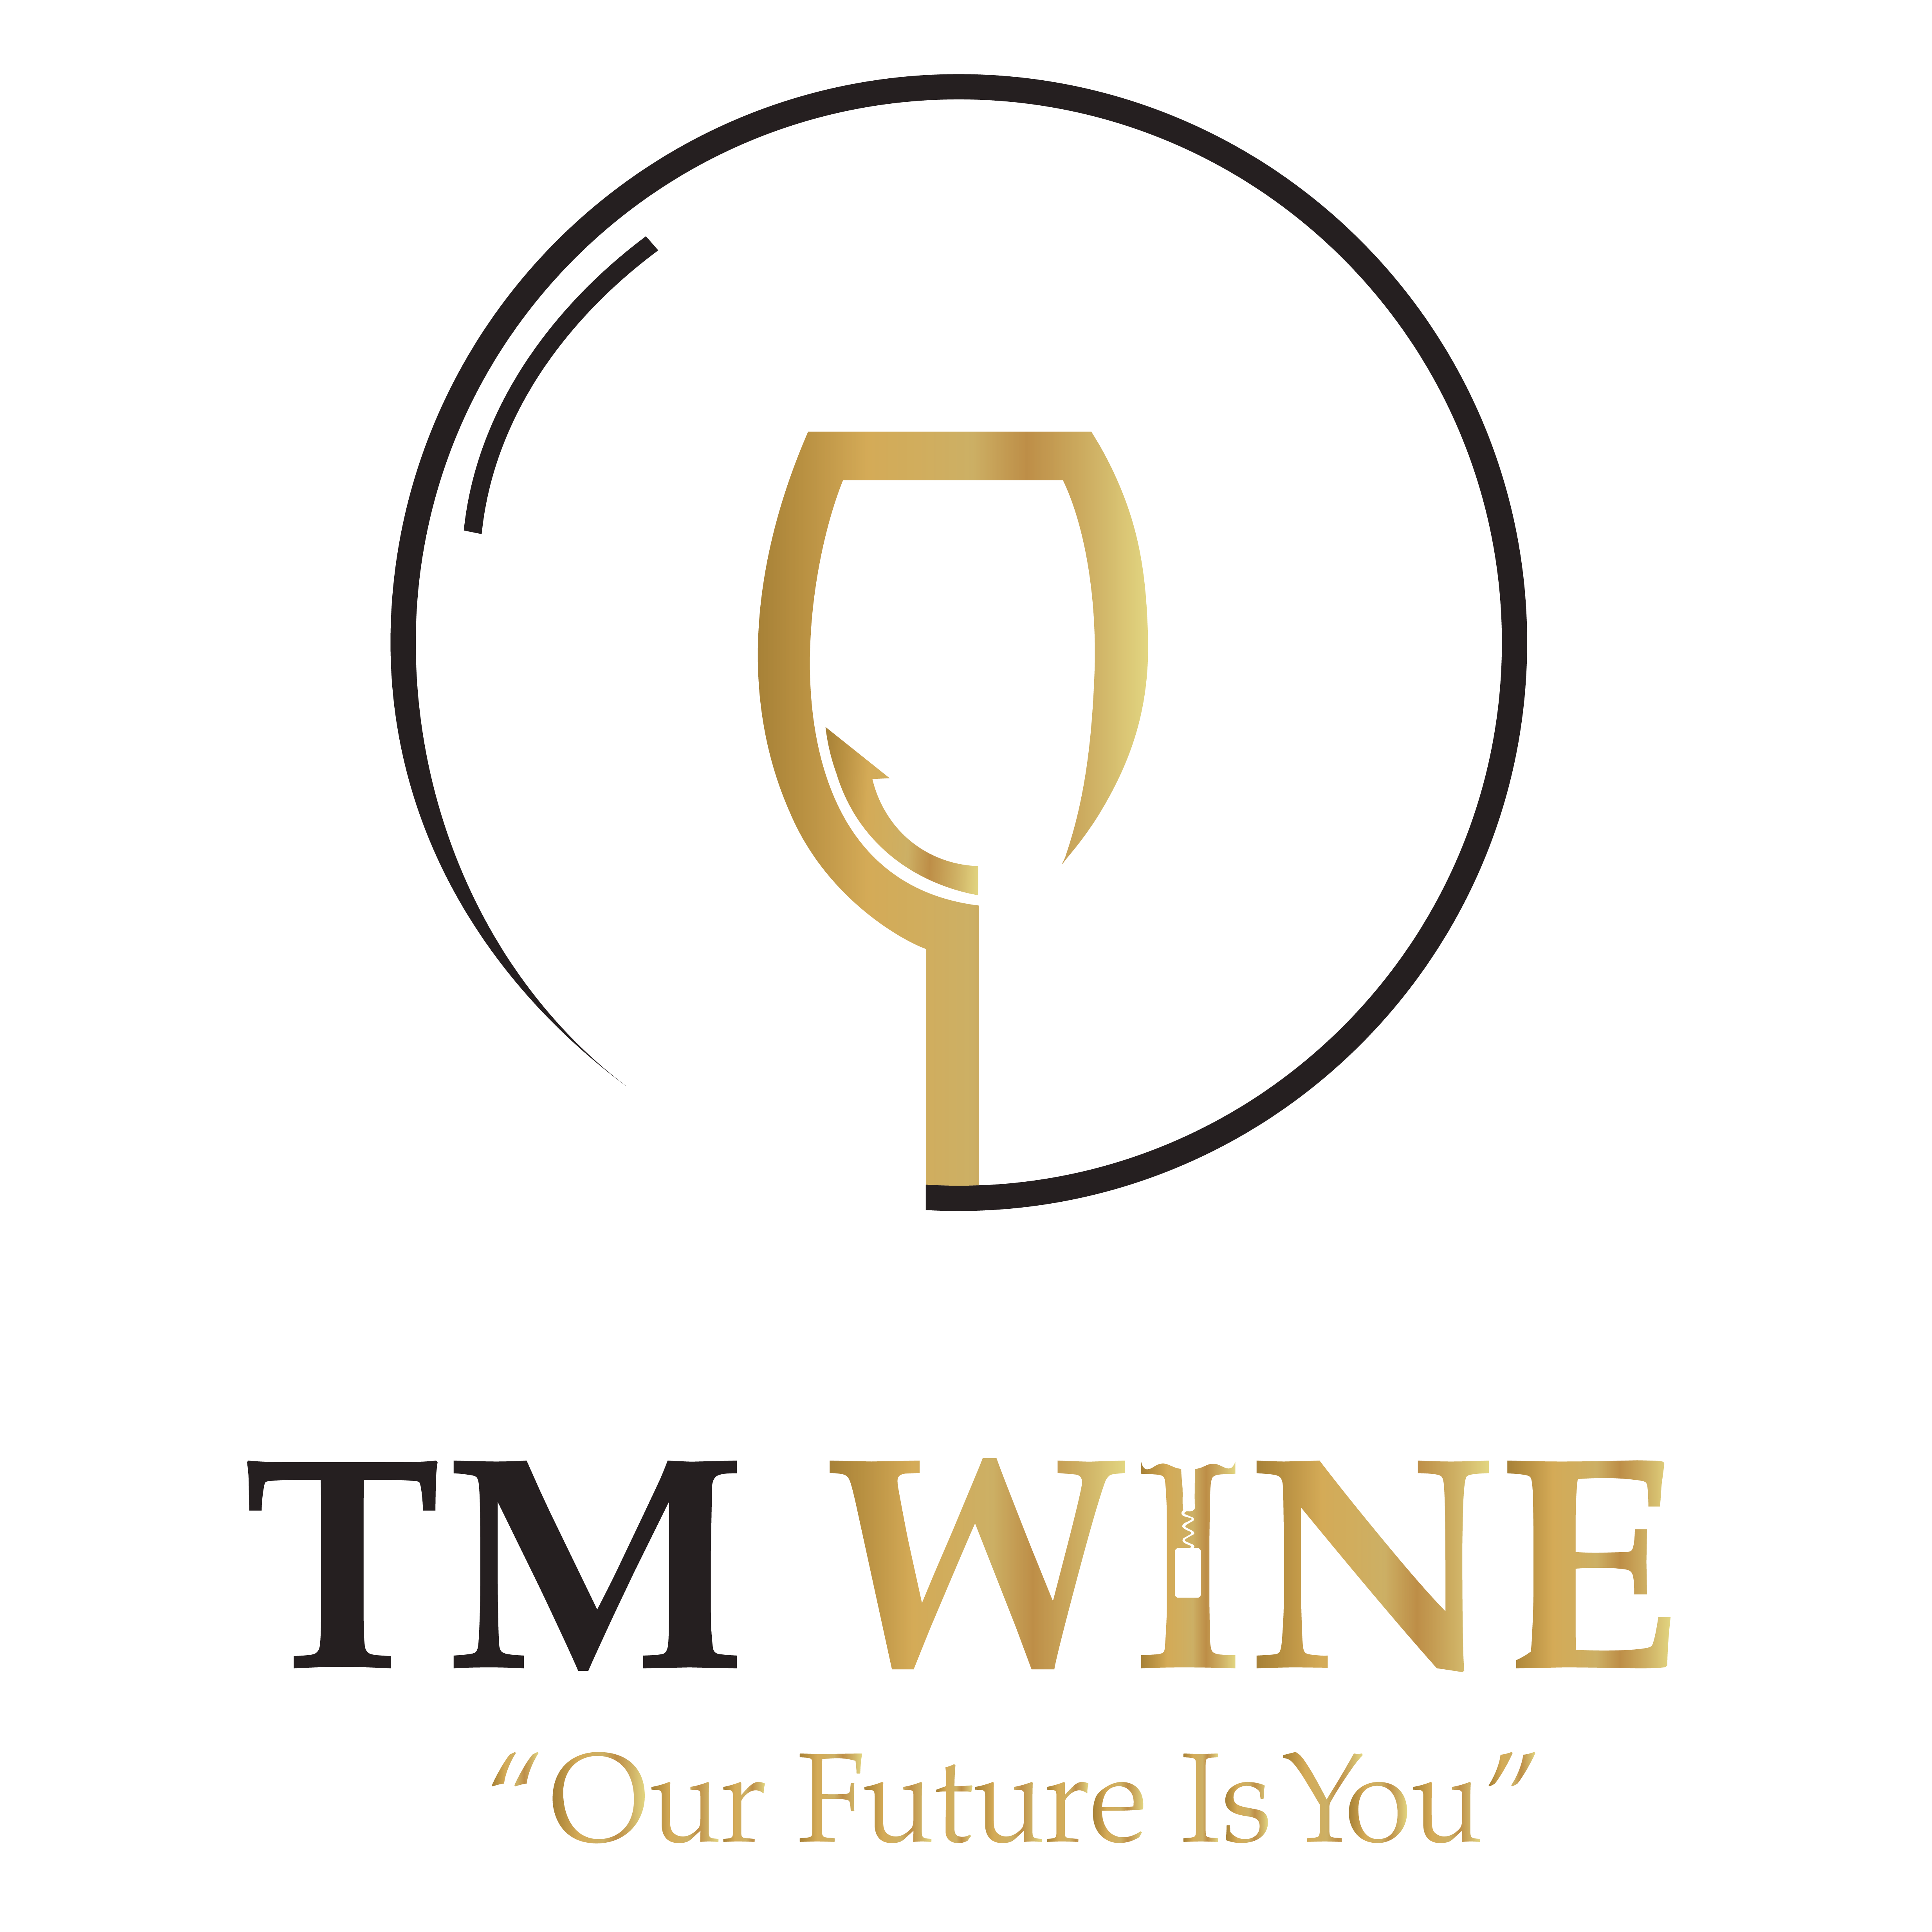 Công ty cổ phần TM Wine Việt Nam